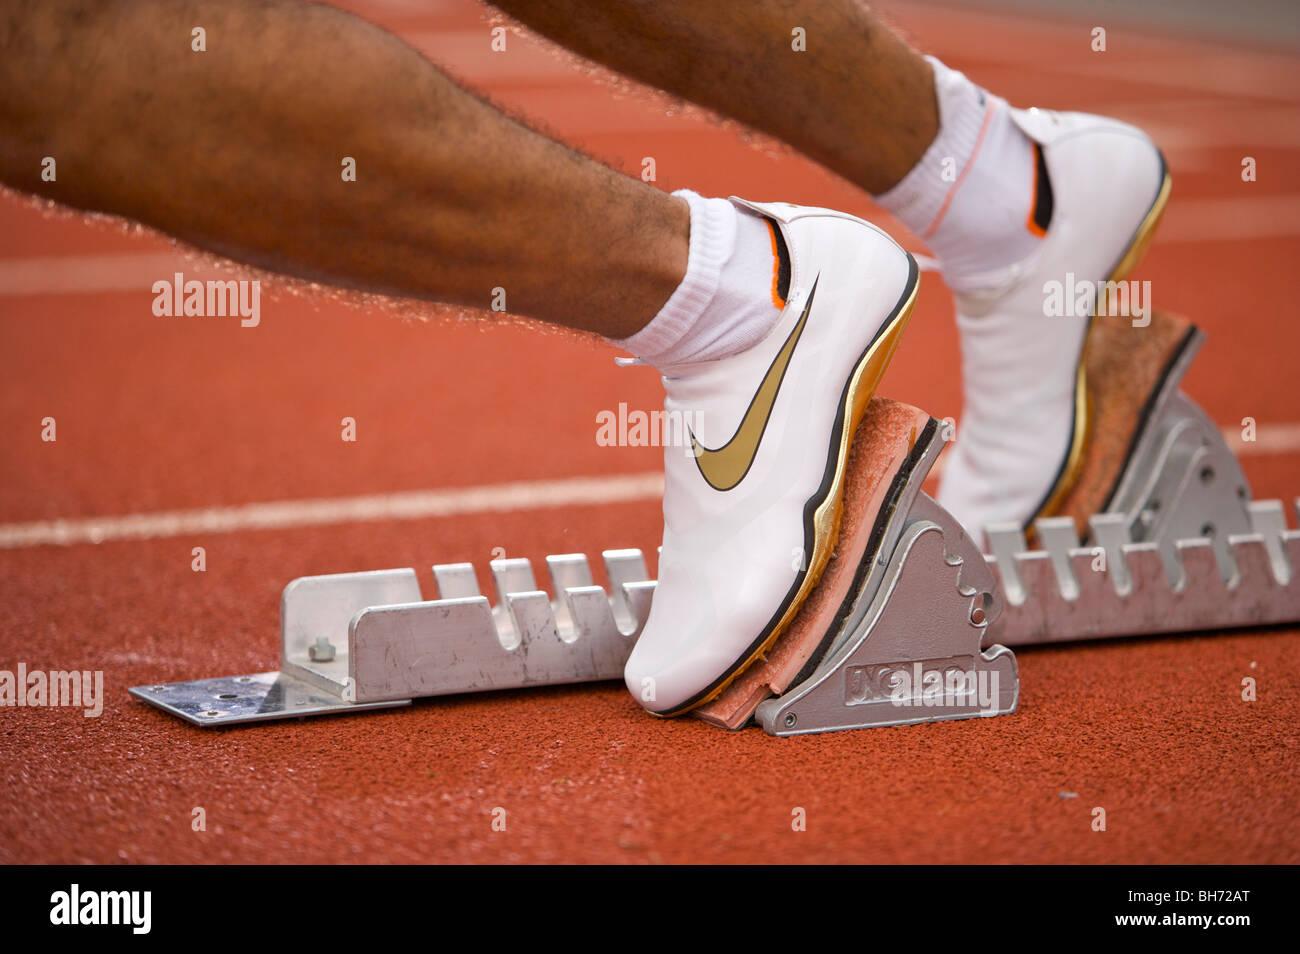 Juegos Olímpicos de 2012, marcha, pista, carriles, atletismo, deportes, pies, pista, campo, comenzando, bloques, Imagen De Stock